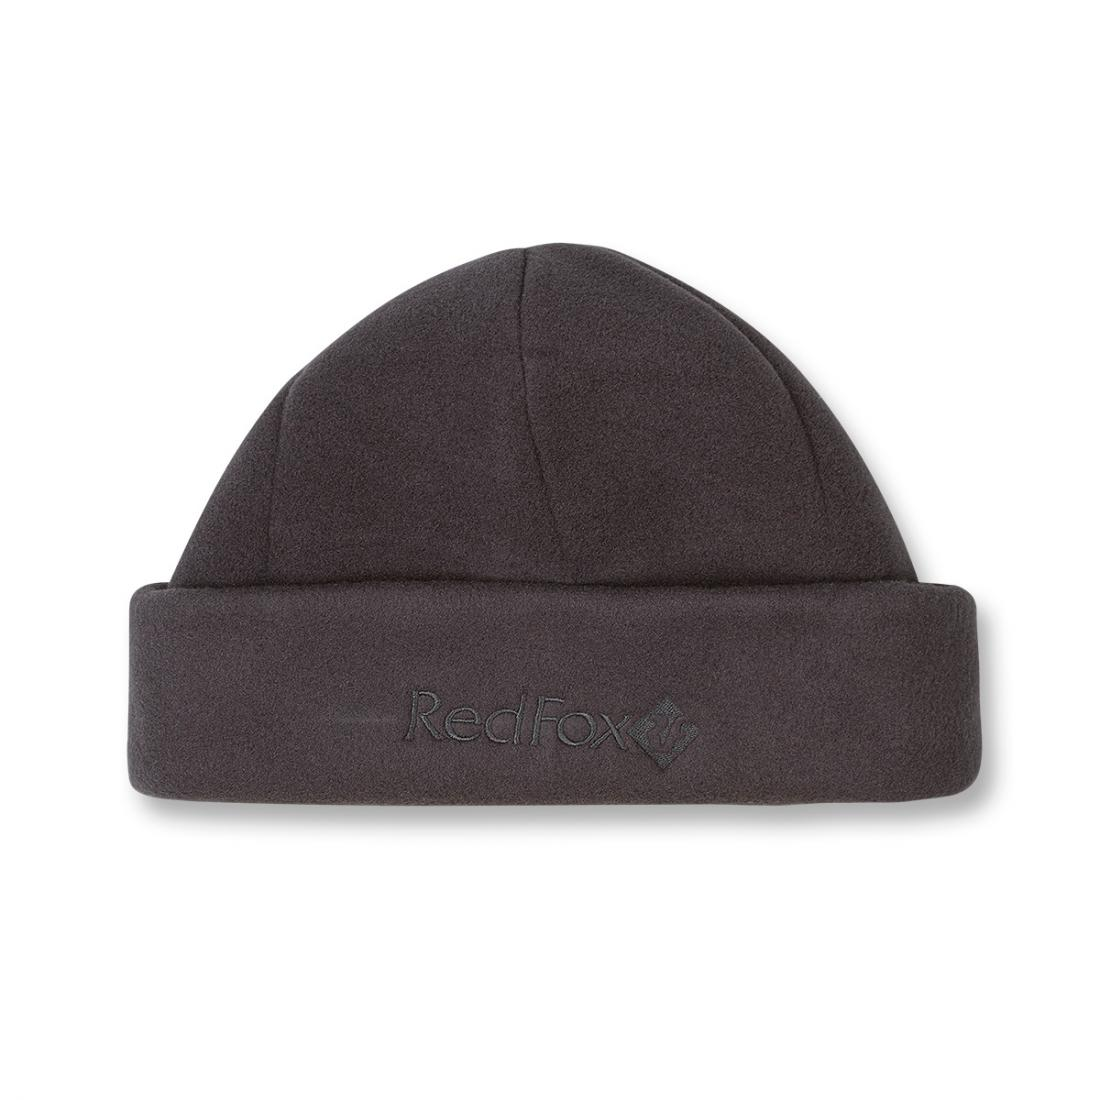 Шапка Polartec ClassicШапки<br><br> Теплая шапка классического дизайна из материала Polartec® 200<br><br><br> Основные характеристики<br><br><br>комфортная посадка<br>эргономичная конструкция кроя<br><br> Особенности<br><br><br><br><br><br>&lt;u...<br><br>Цвет: Серый<br>Размер: 58